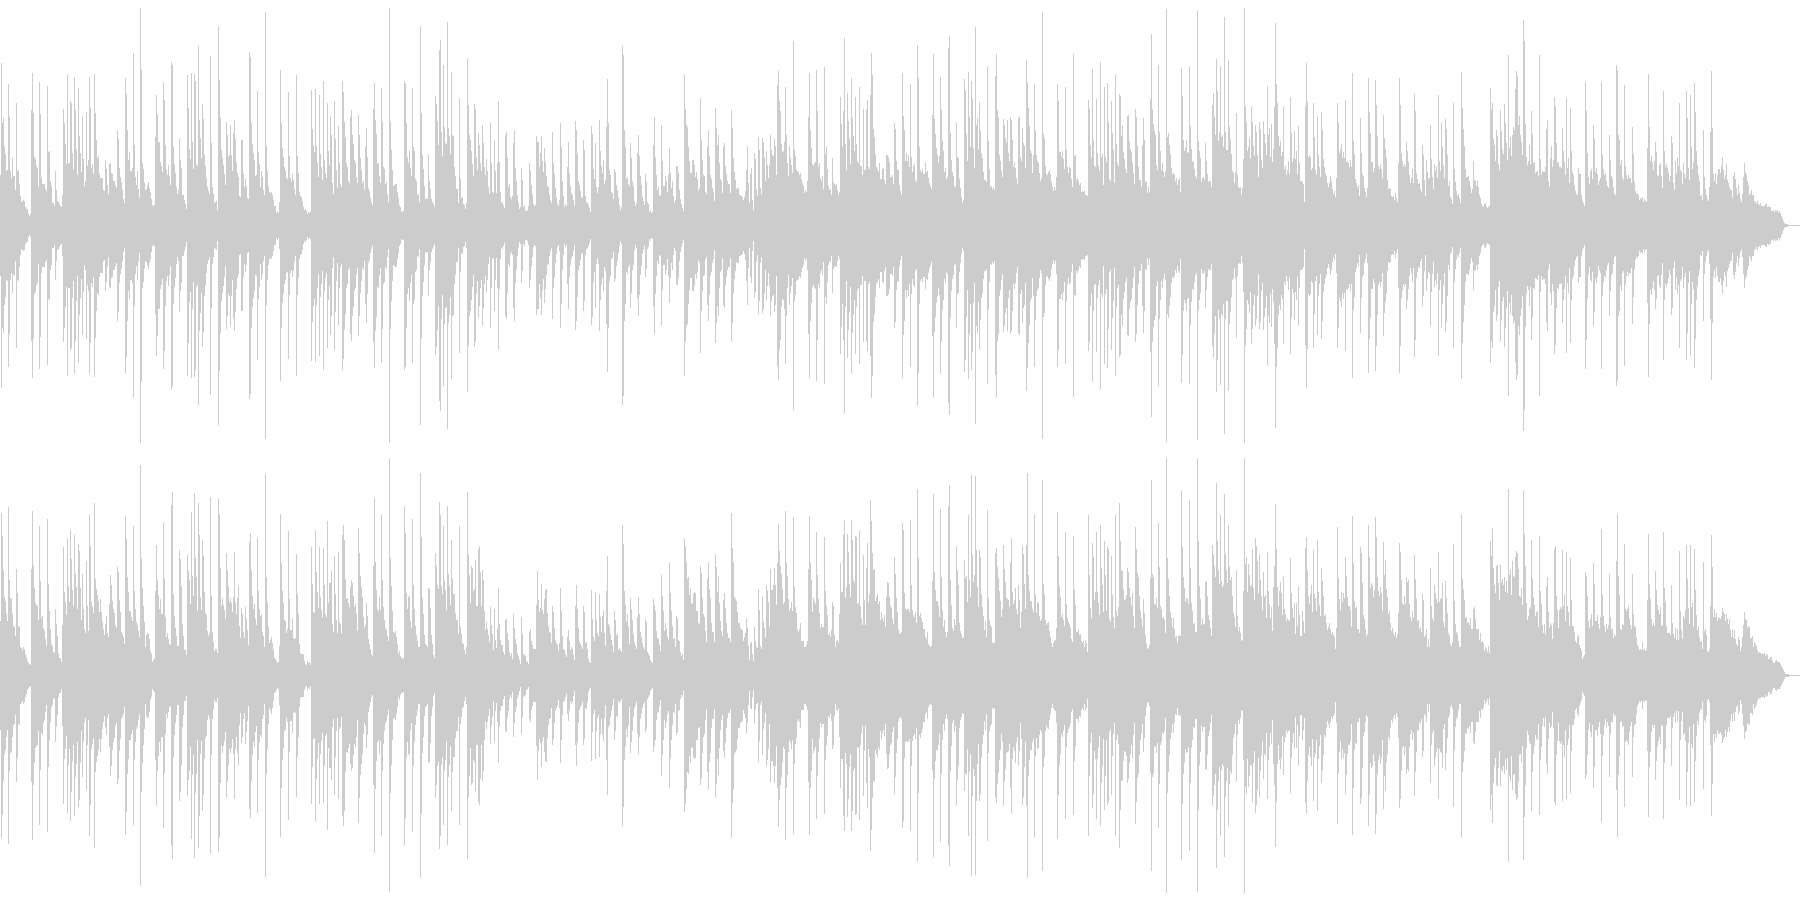 琴/ピアノ/落ち着いた癒しの和風曲の未再生の波形